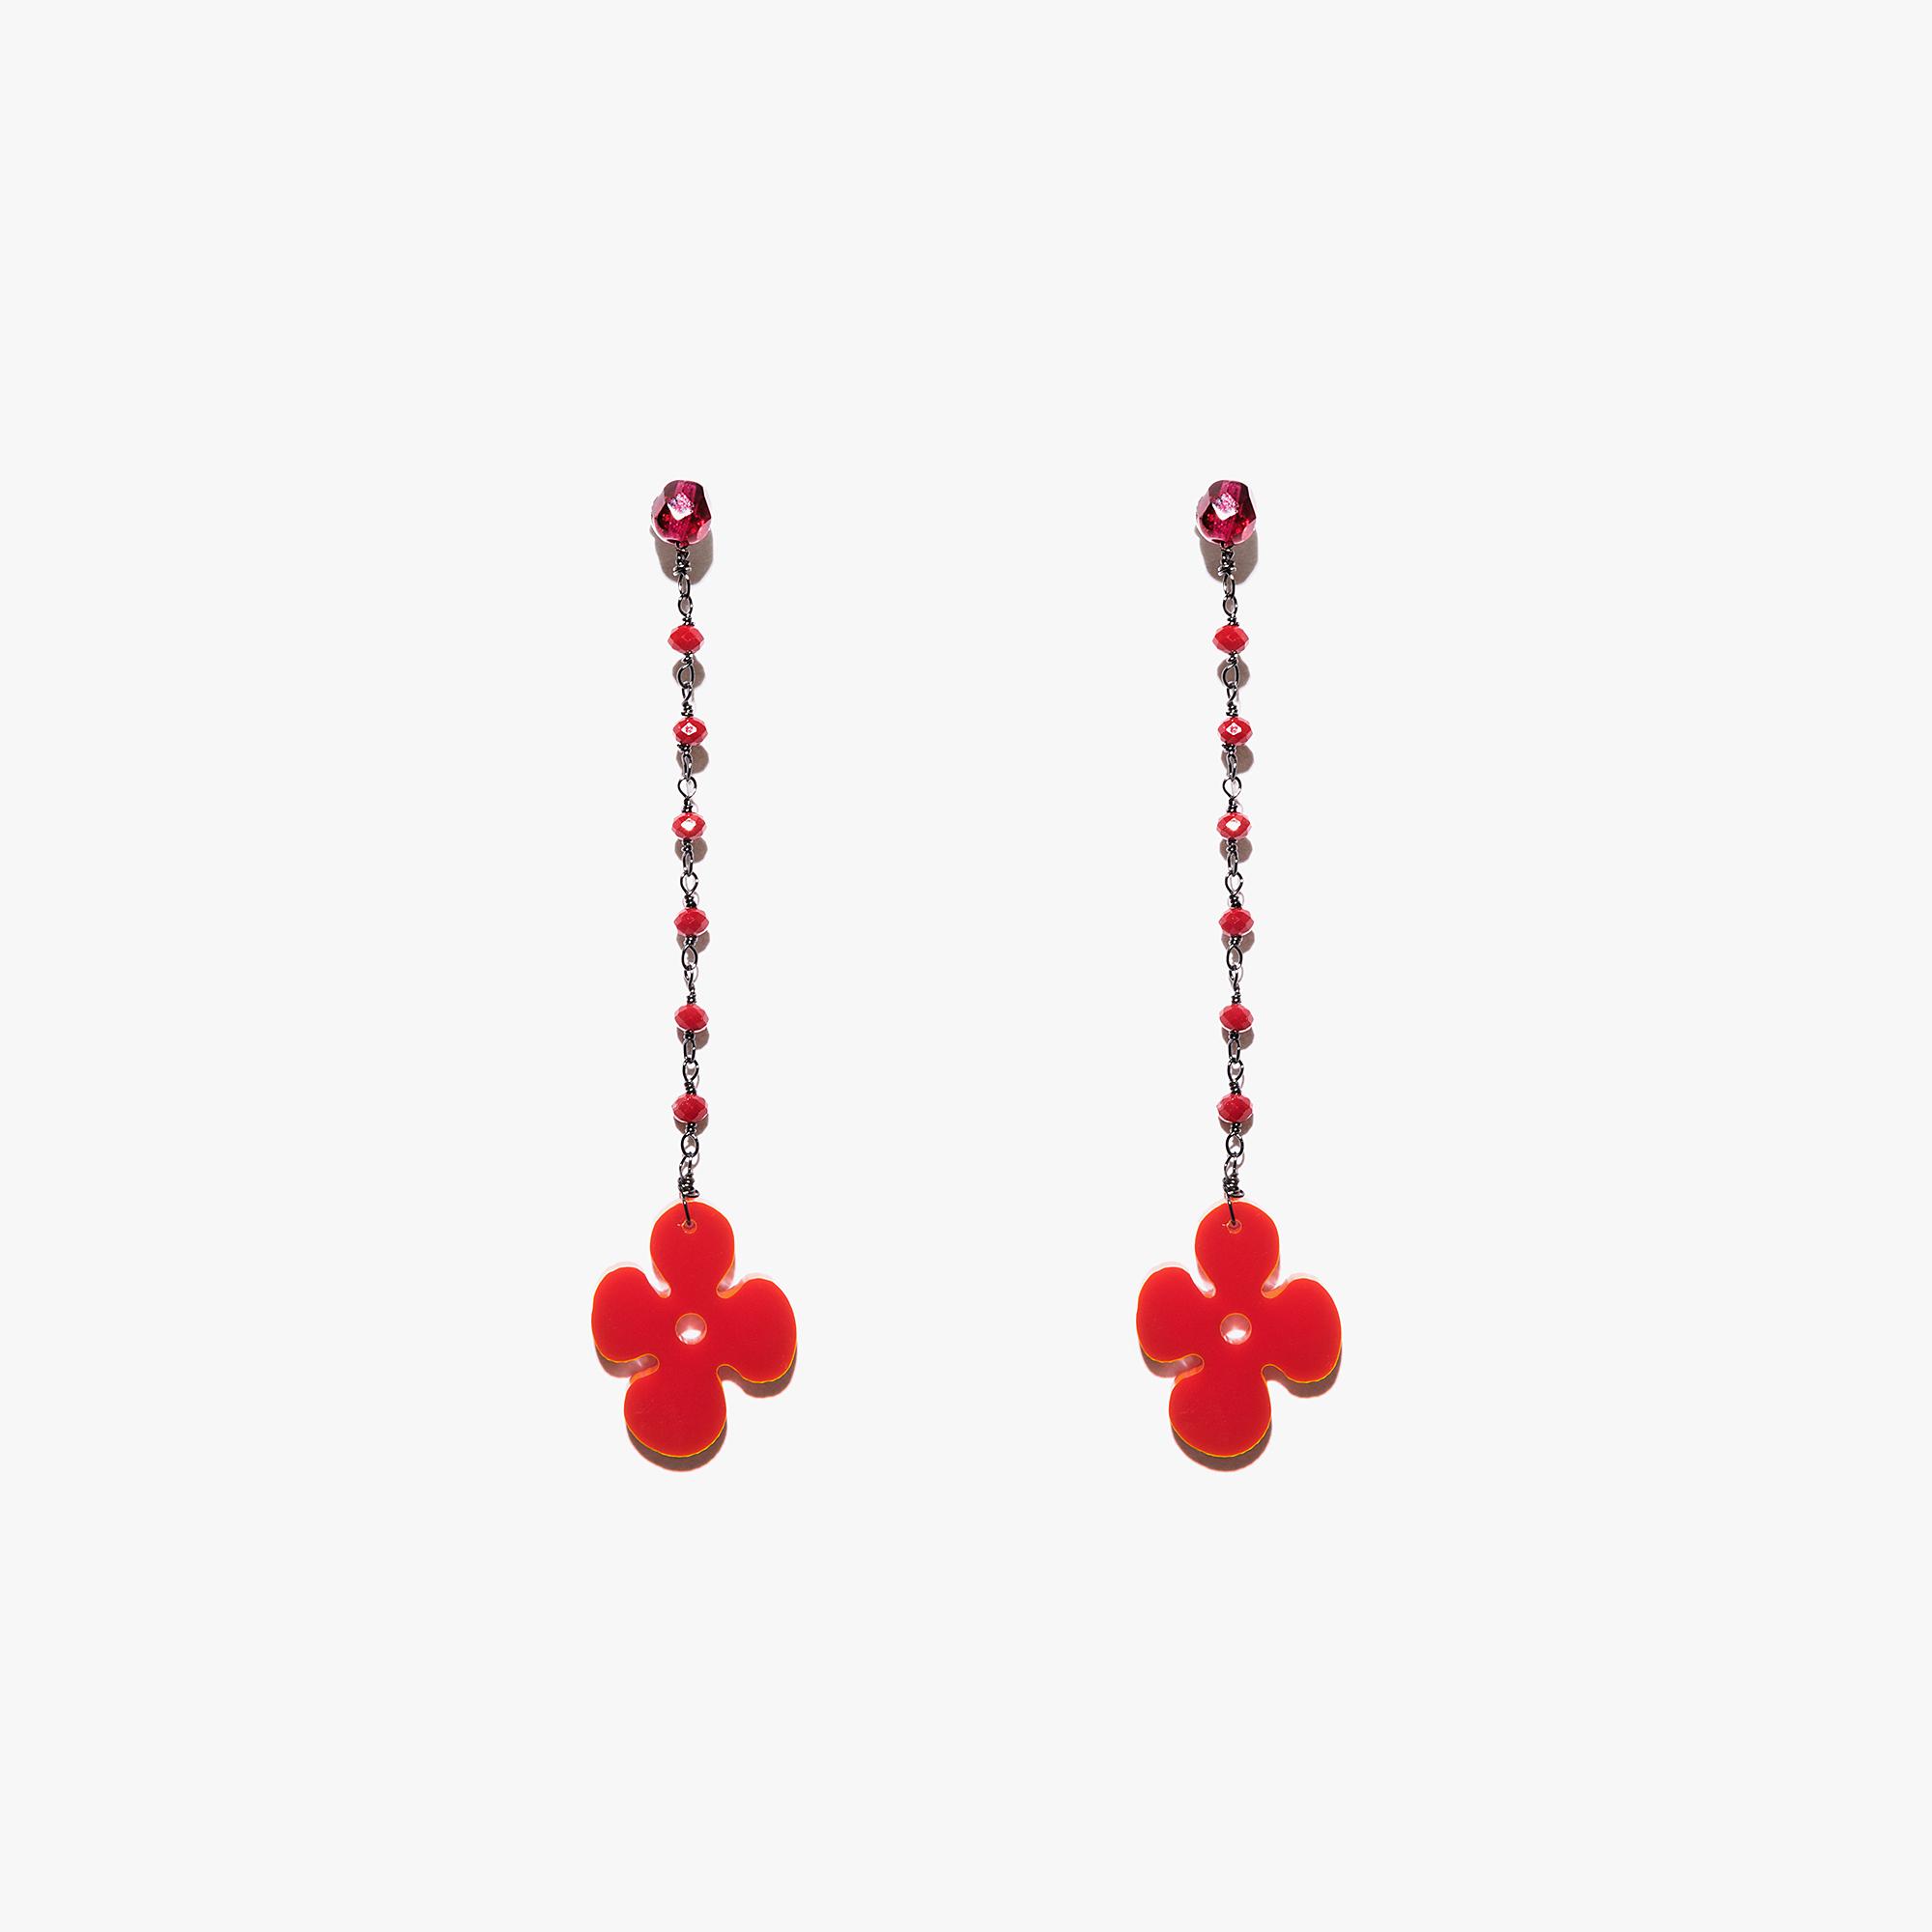 Plexiglas and crystal earrings